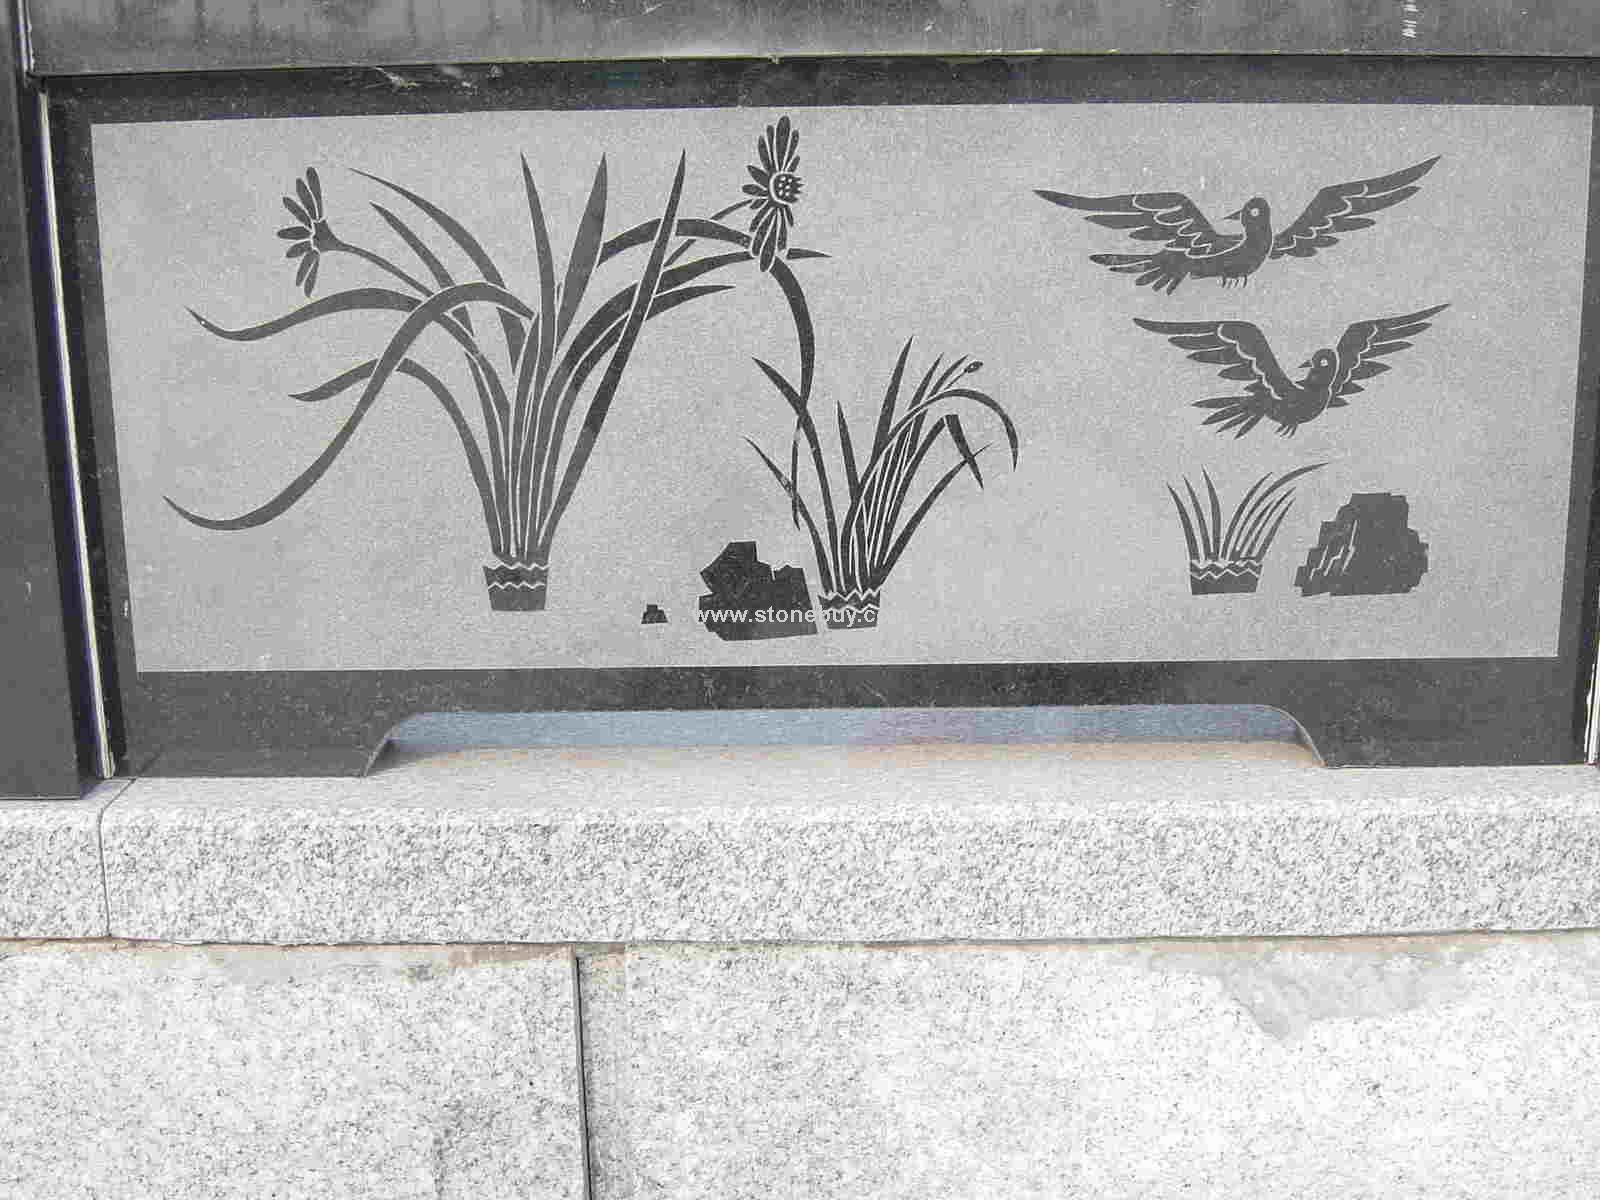 靠譜浮雕品廠家_湛華景觀工程,玉溪浮雕